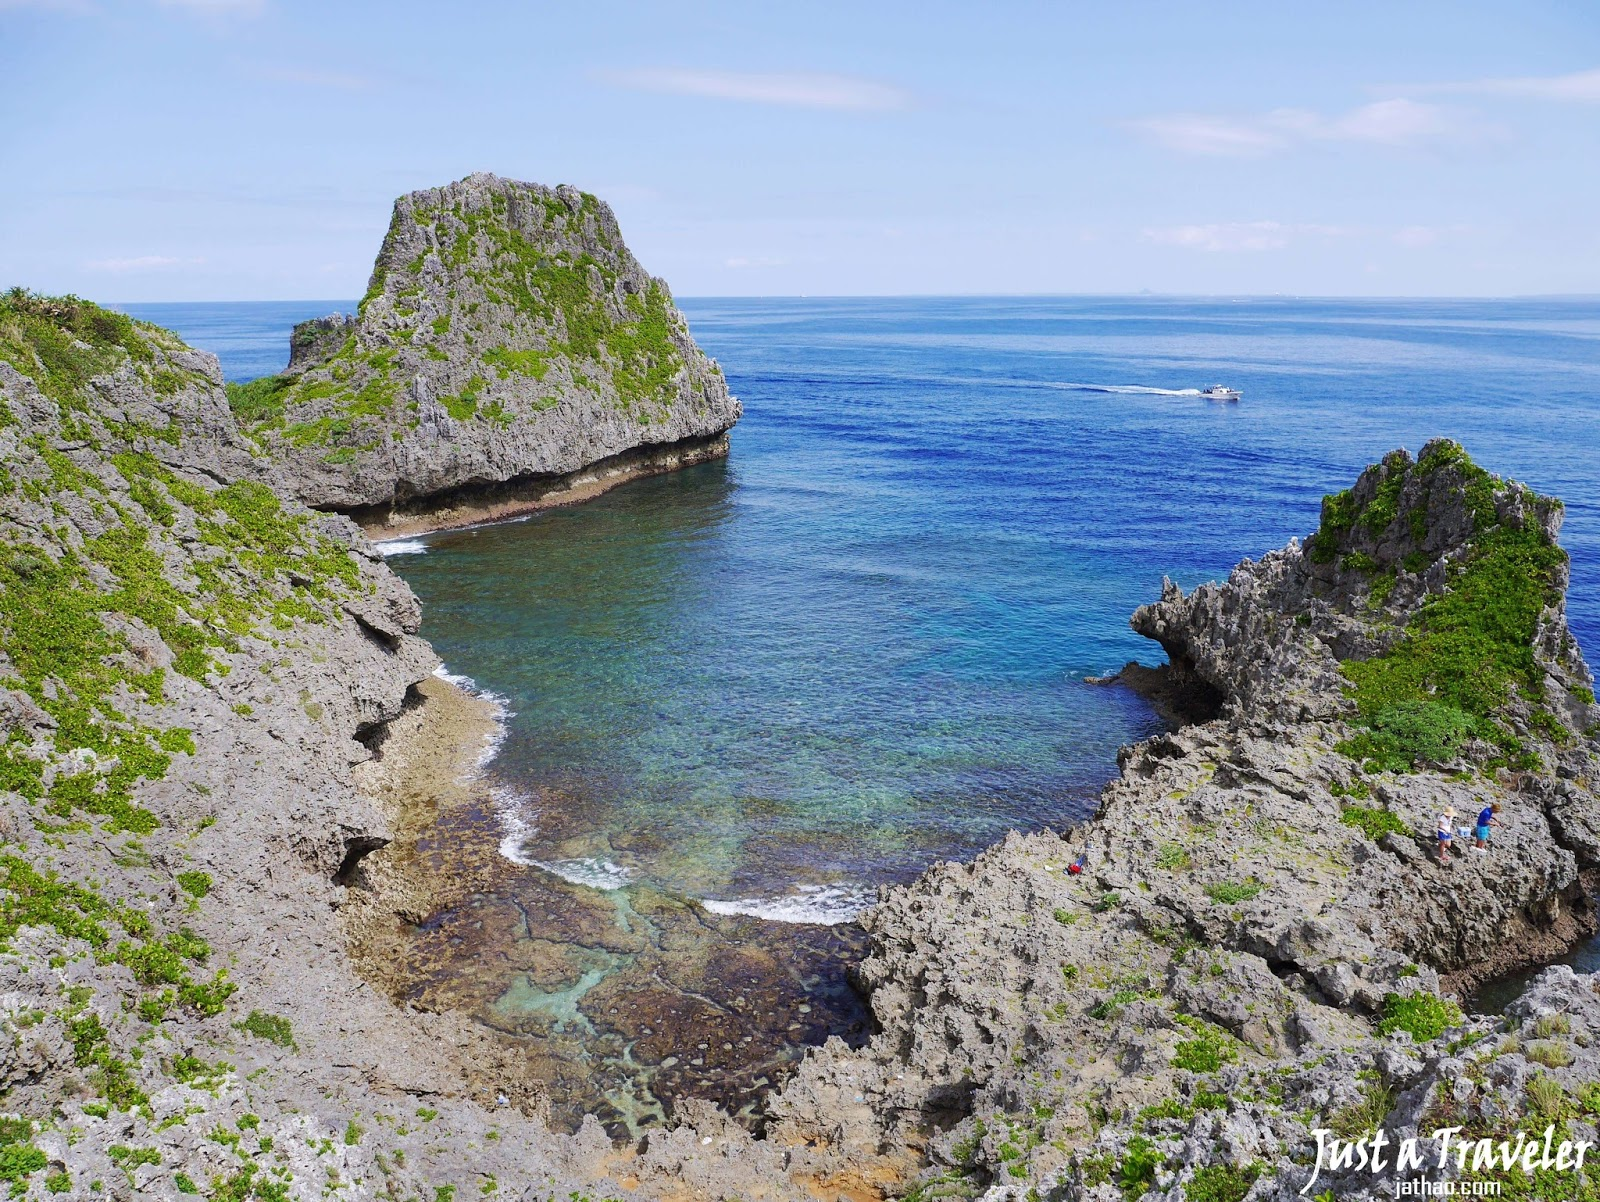 沖繩-沖繩景點-推薦-真榮田岬-青之洞窟-潛水-浮潛-沖繩自由行景點-沖繩中部景點-沖繩旅遊-沖繩觀光景點-Okinawa-attraction-maeda-cape-blue-cave-Toruist-destination